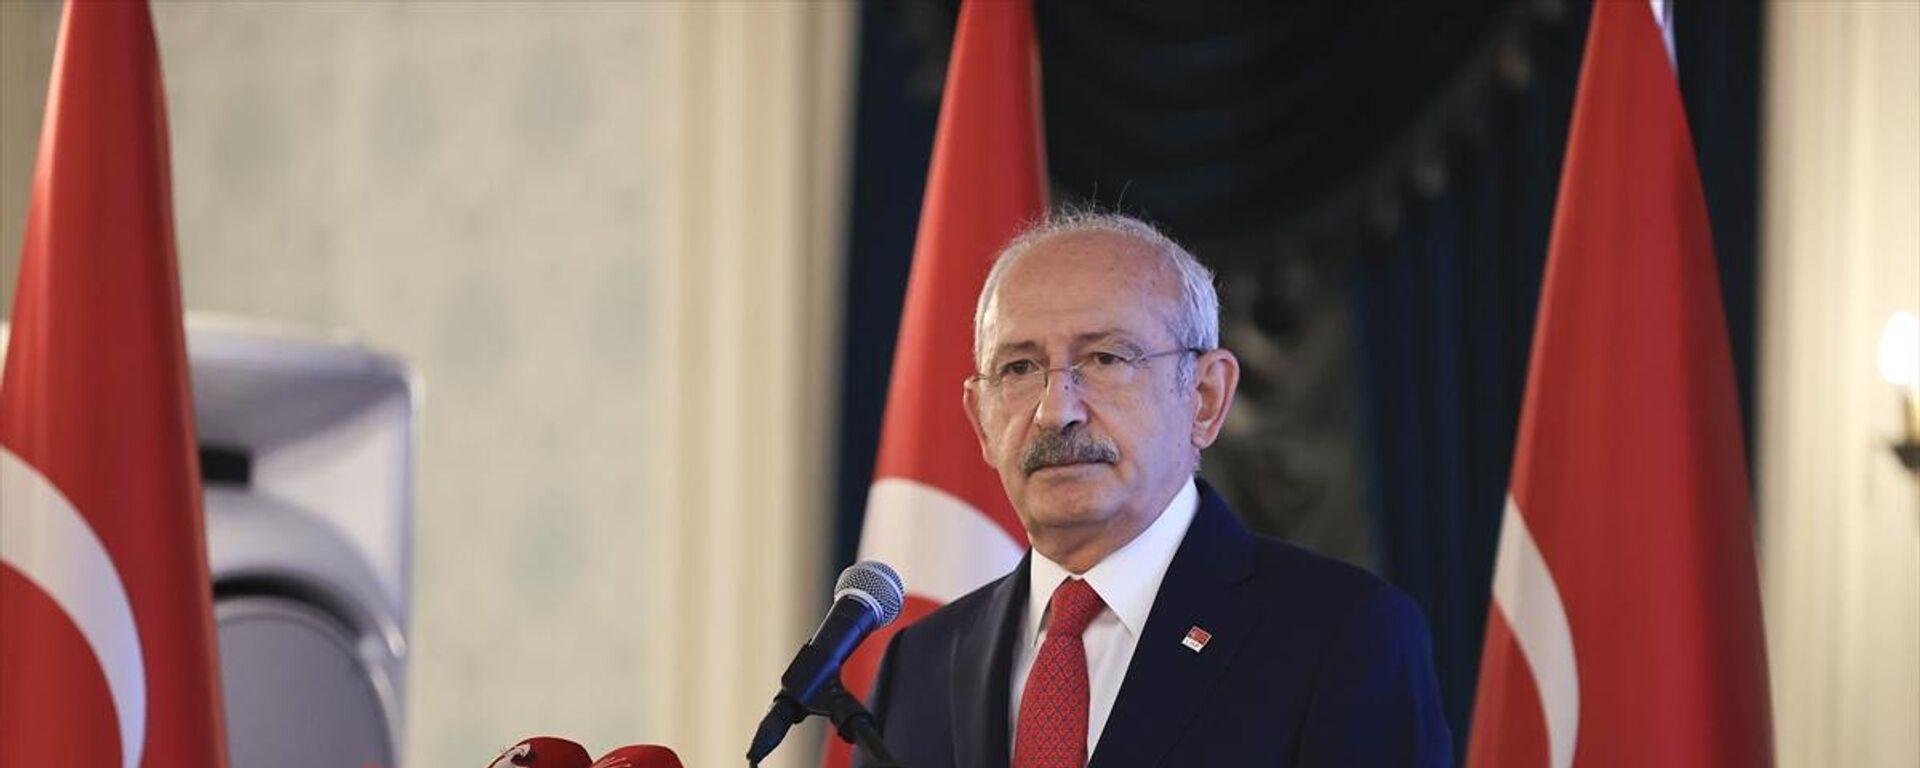 Kemal Kılıçdaroğlu - Sputnik Türkiye, 1920, 13.09.2021